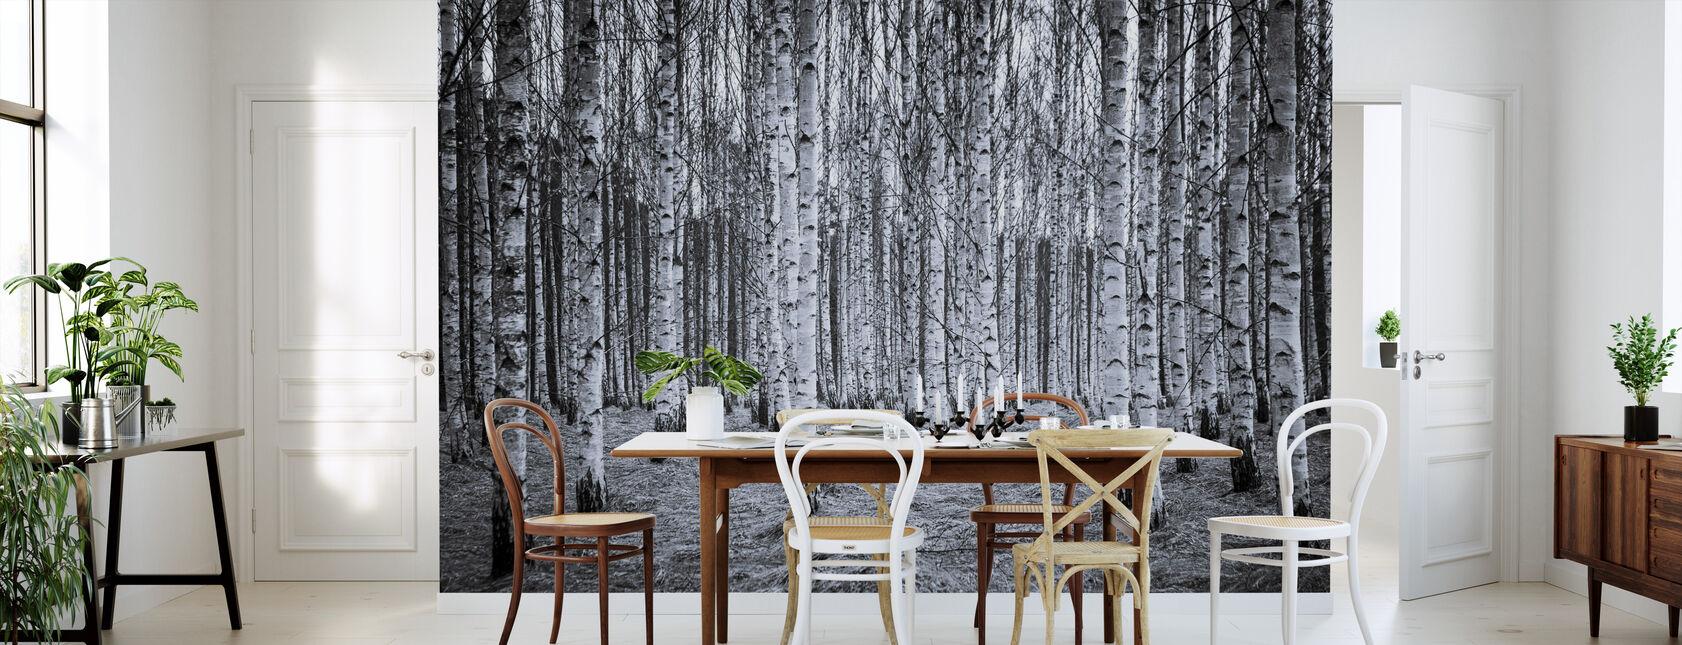 Birch Forest Black & White - Wallpaper - Kitchen